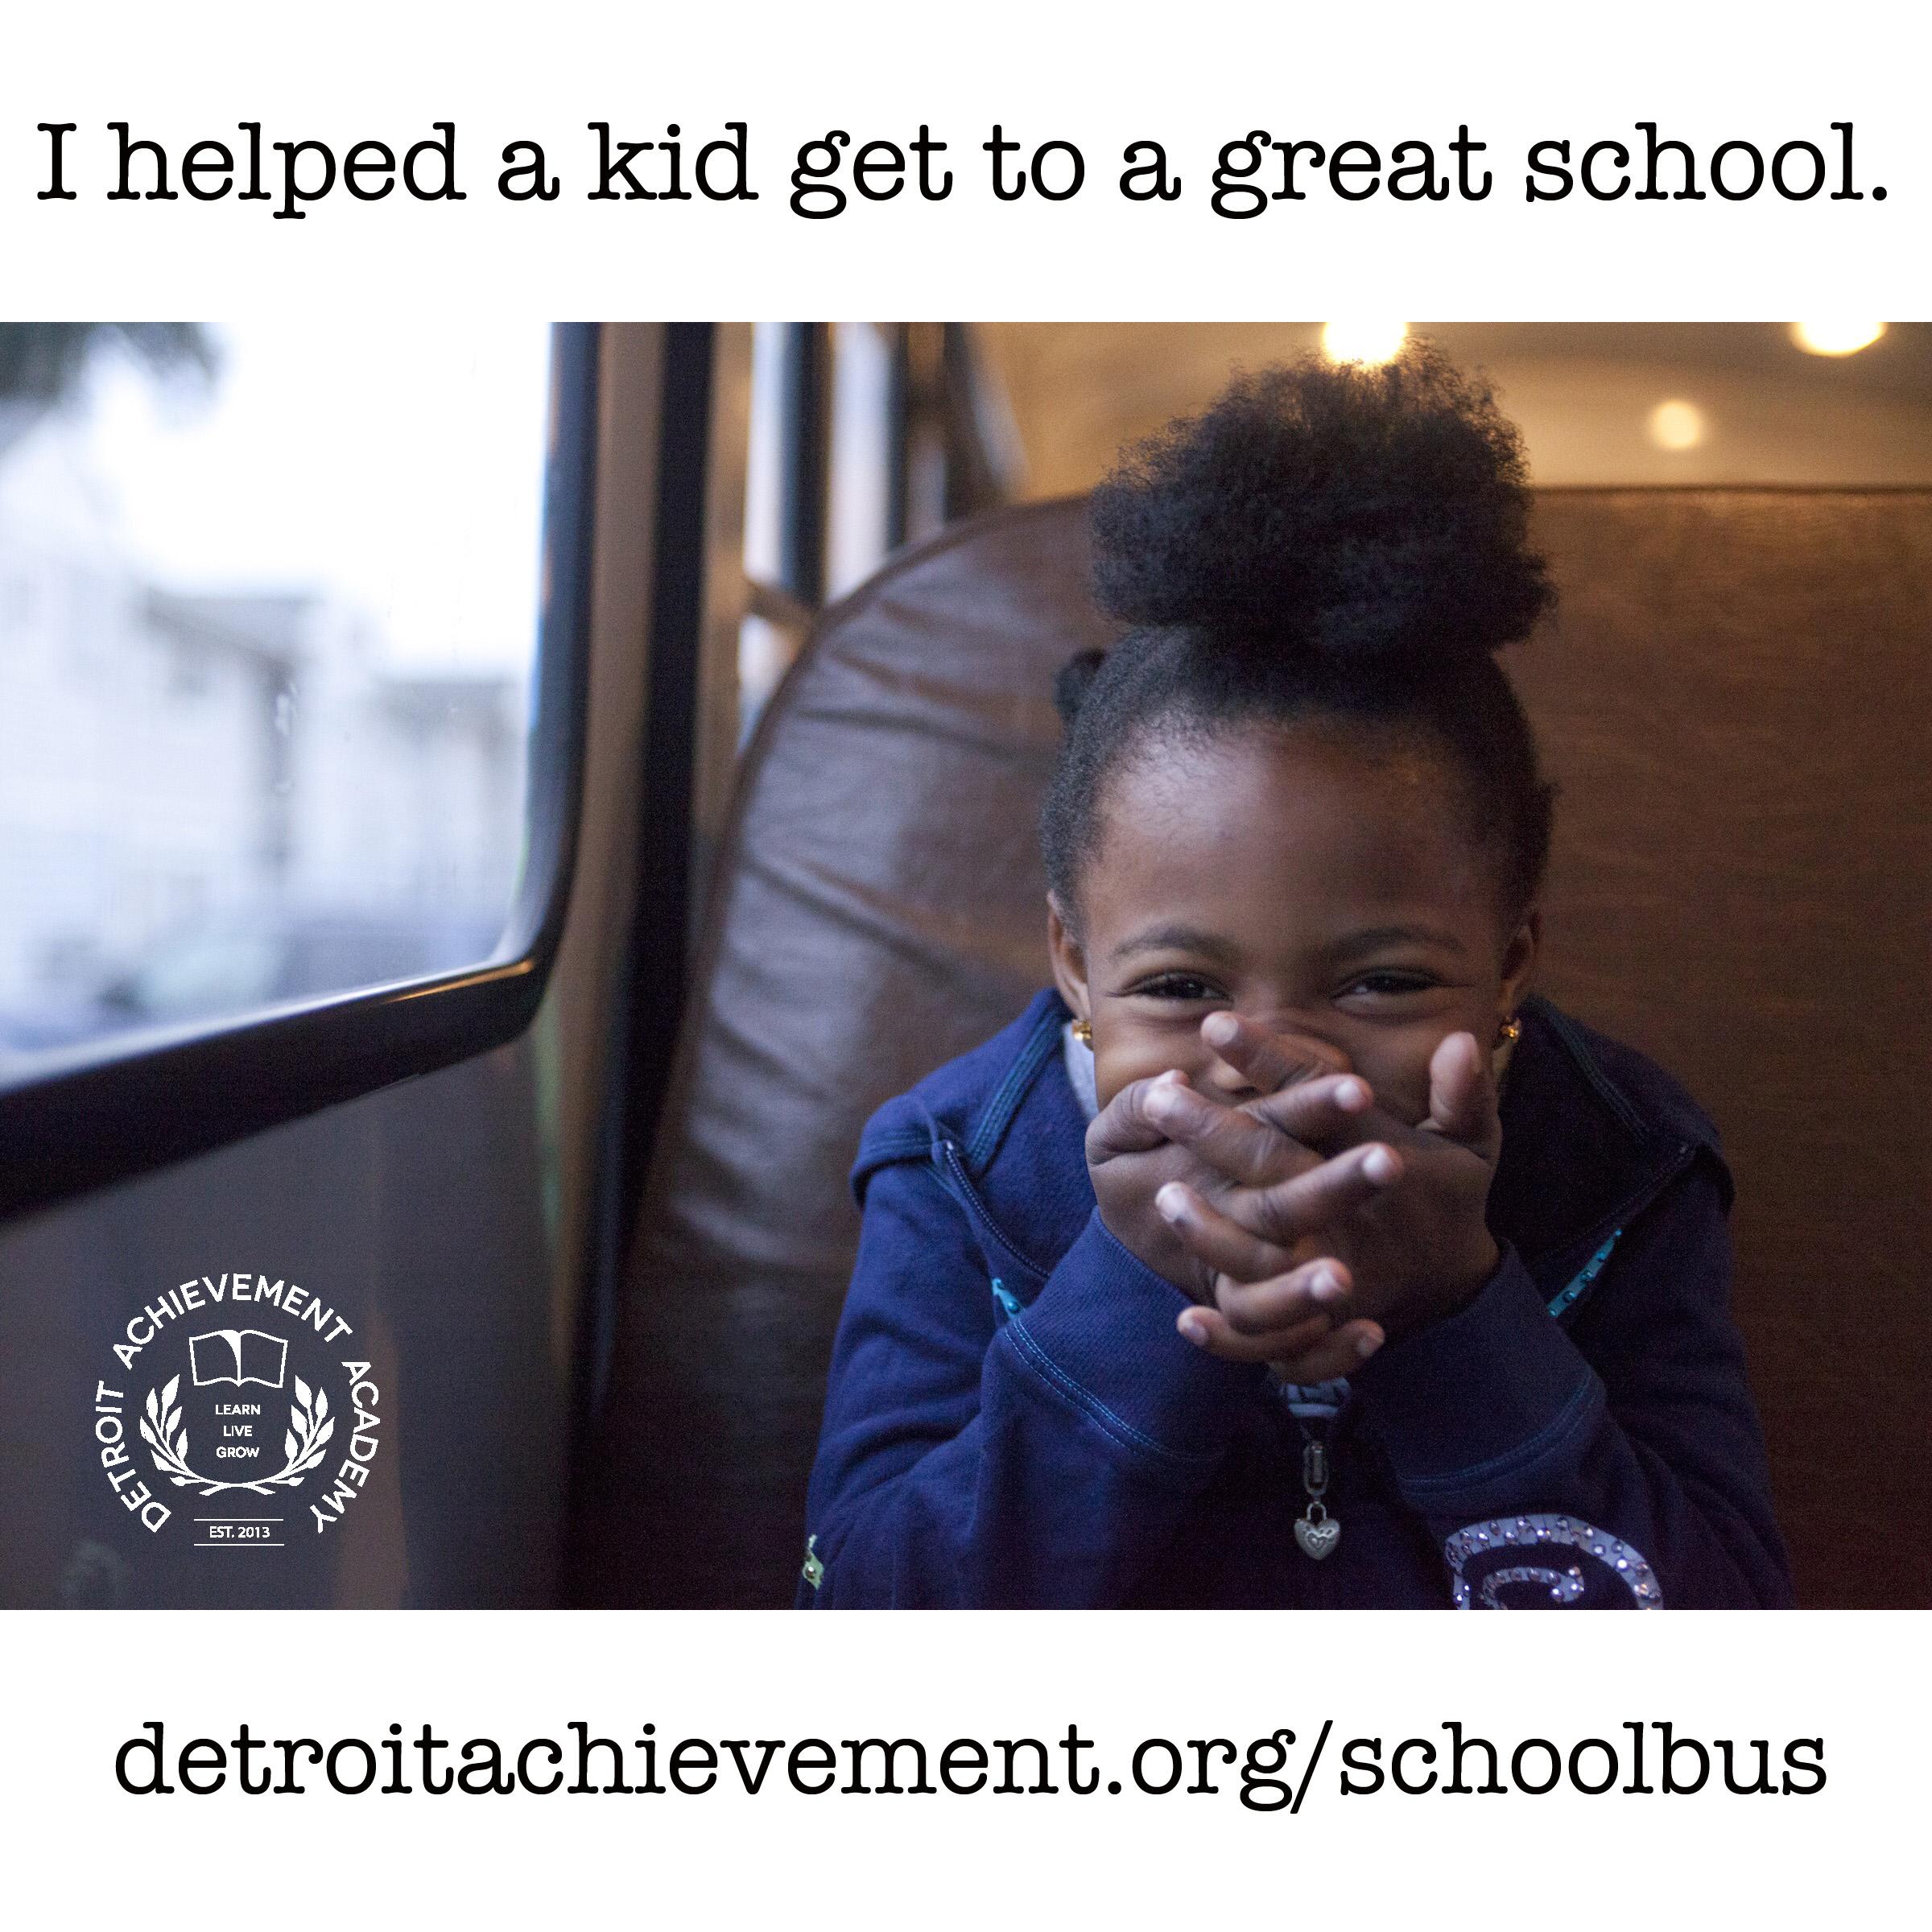 DAA School Bus Image.jpg